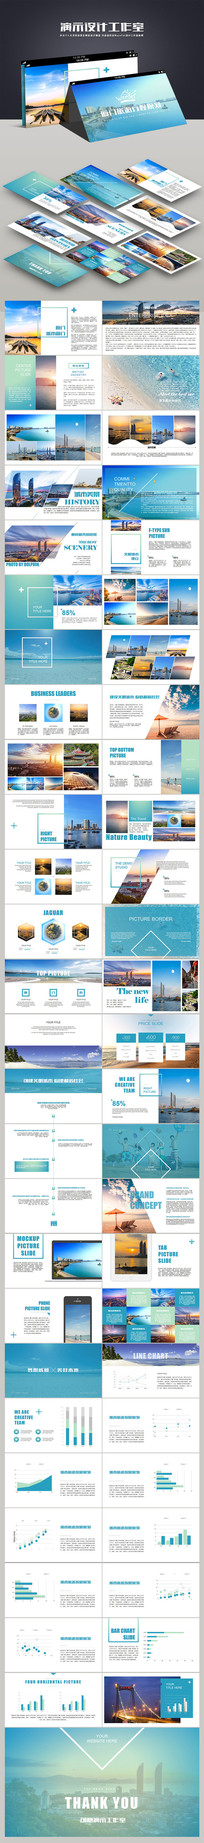 魅力厦门旅游摄影相册旅游介绍PPT模板